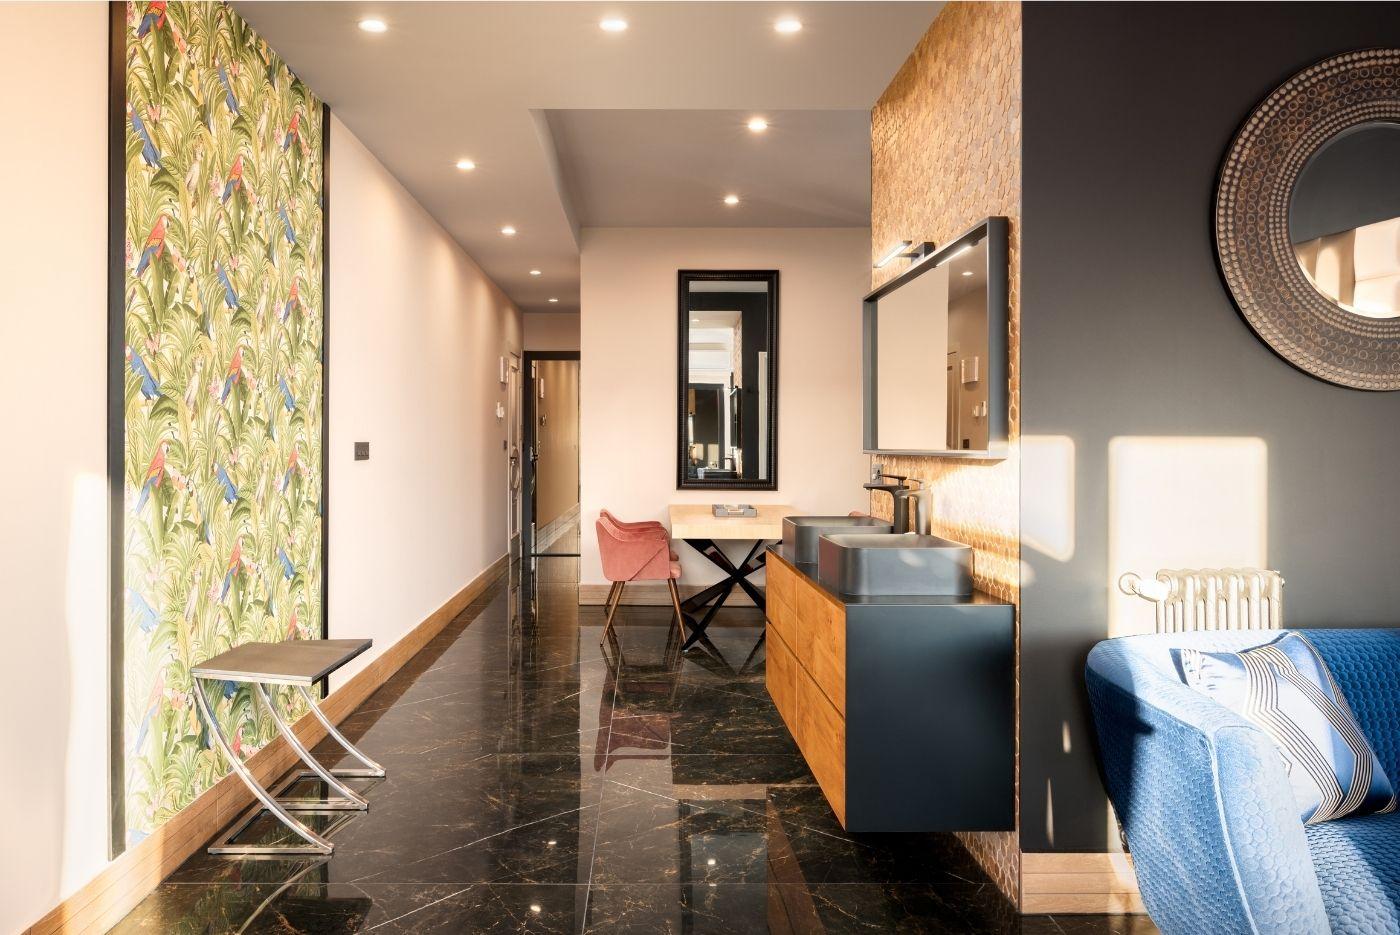 Apartamento-Suite-Atico-73-Oviedo-1907-03